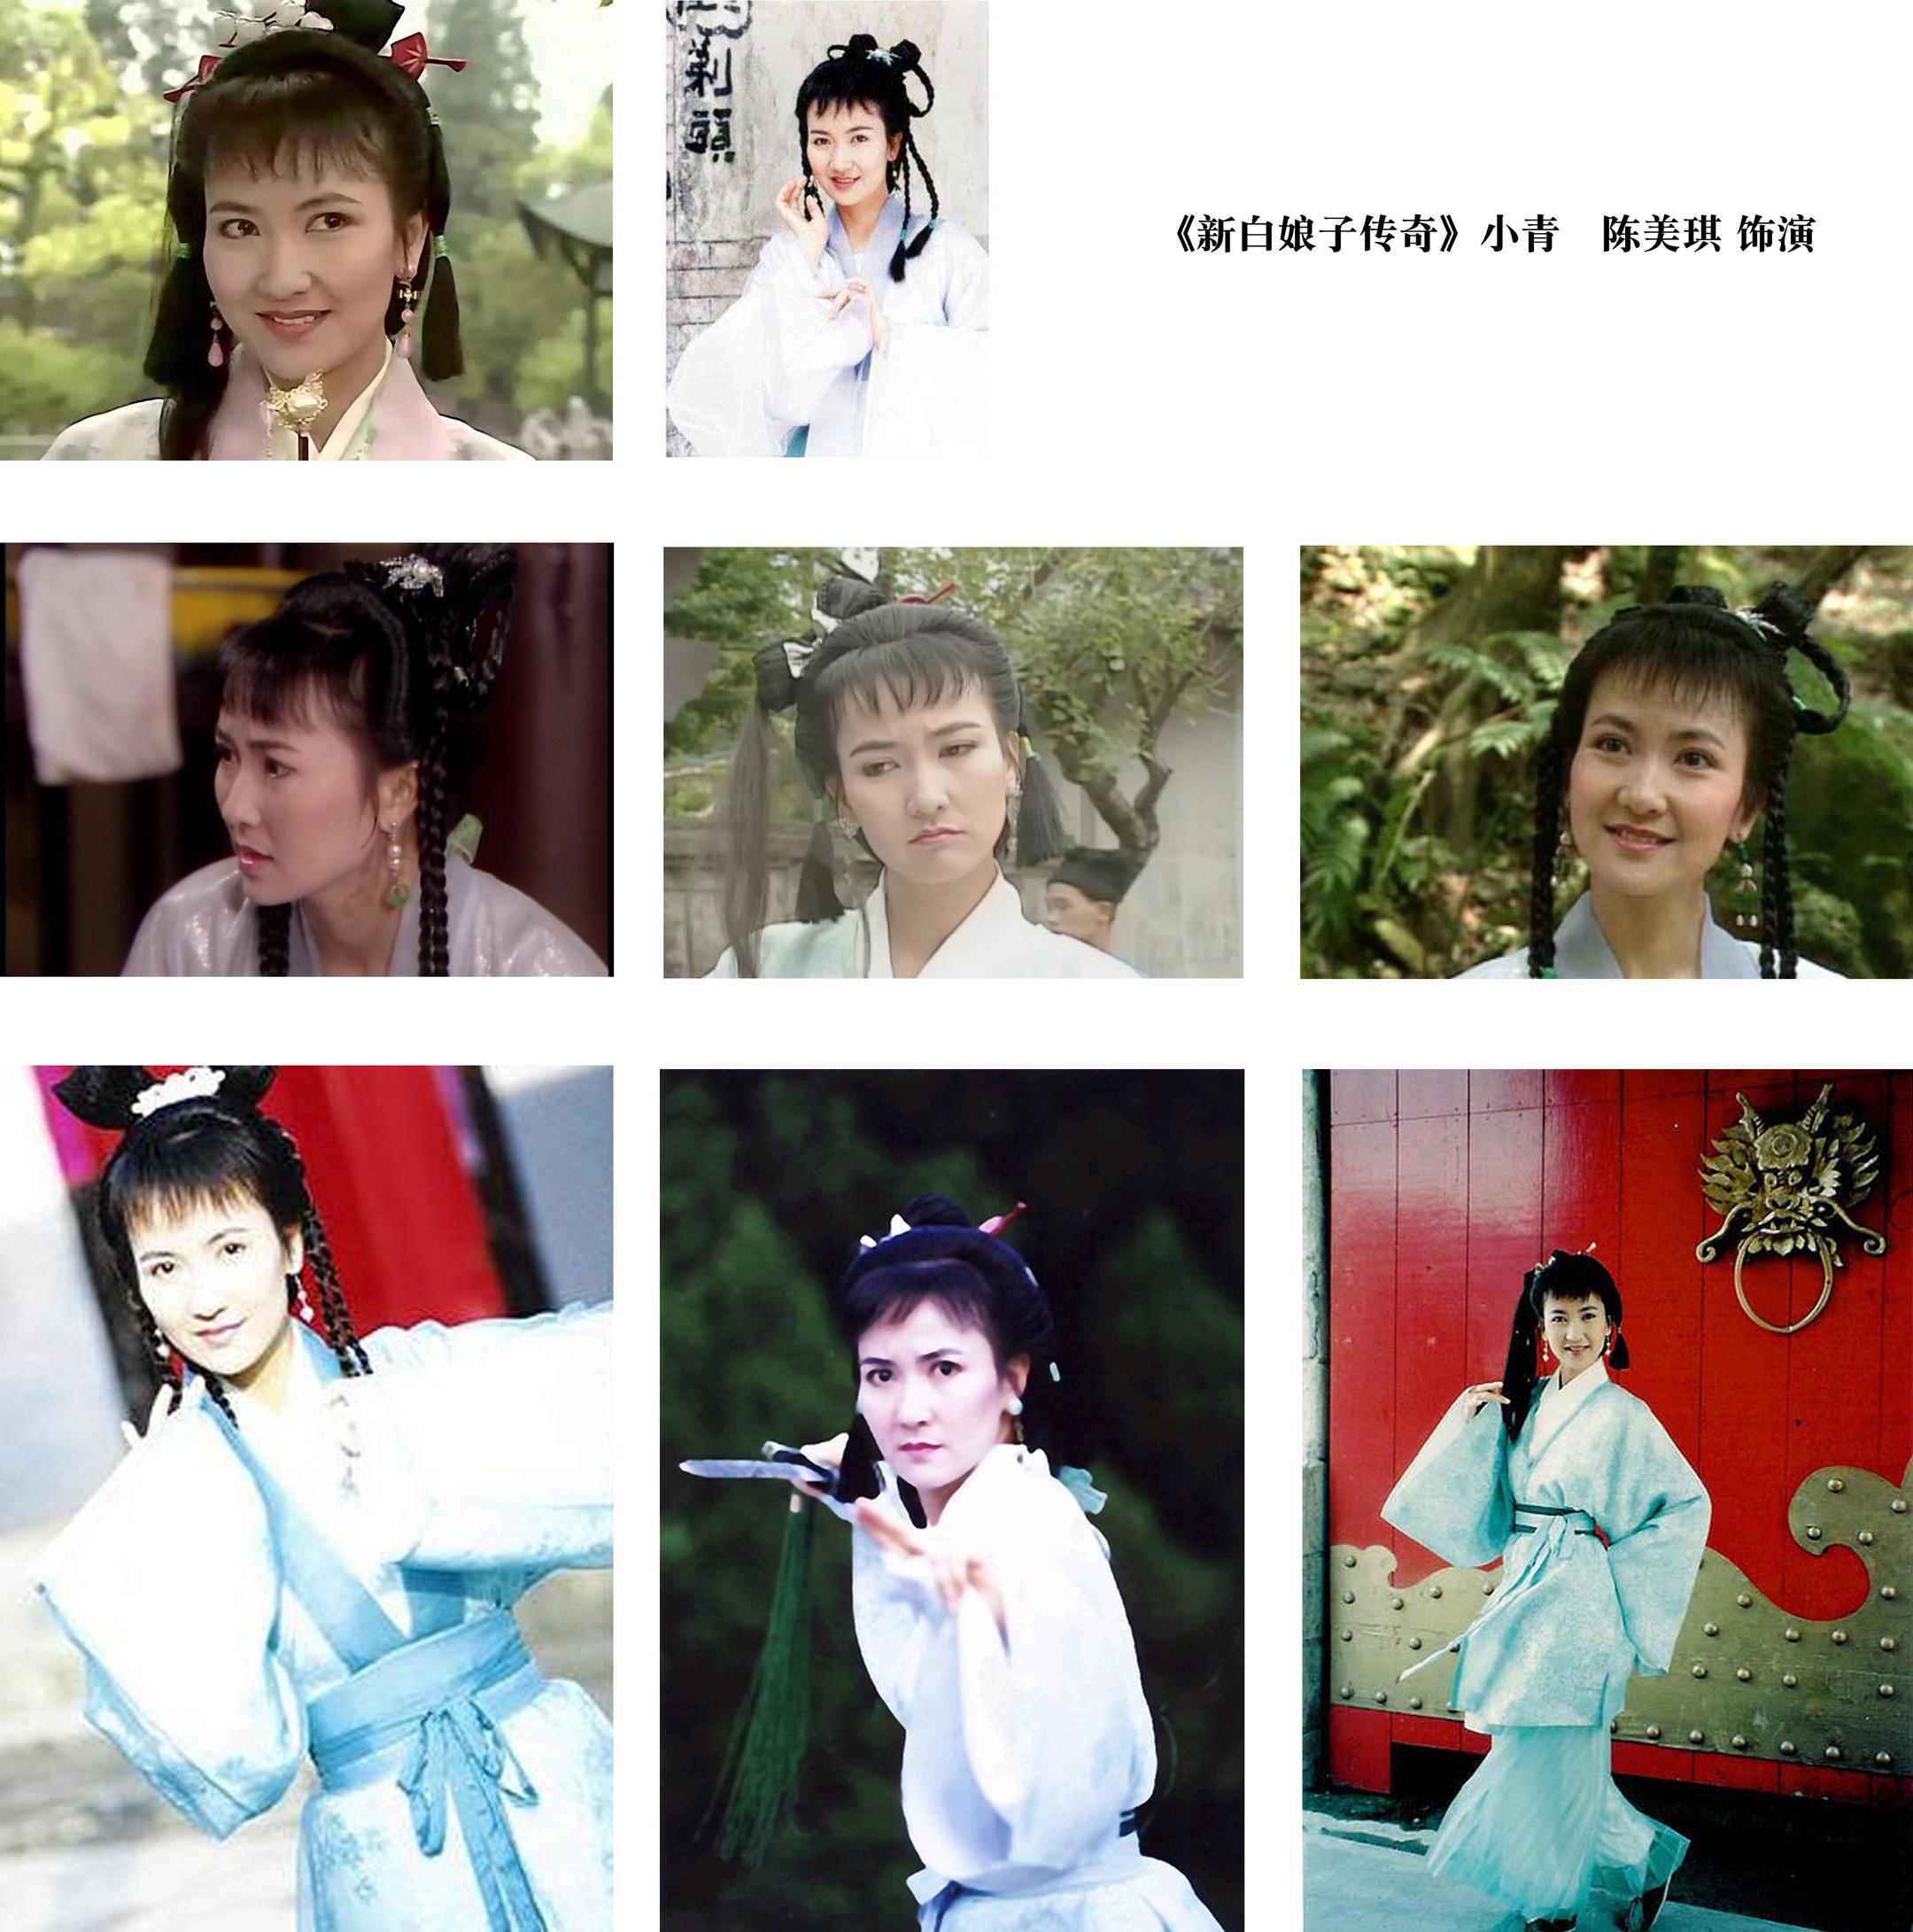 新白娘子传奇 1992年赵雅芝陈美琪叶童主演电视剧 搜狗百科